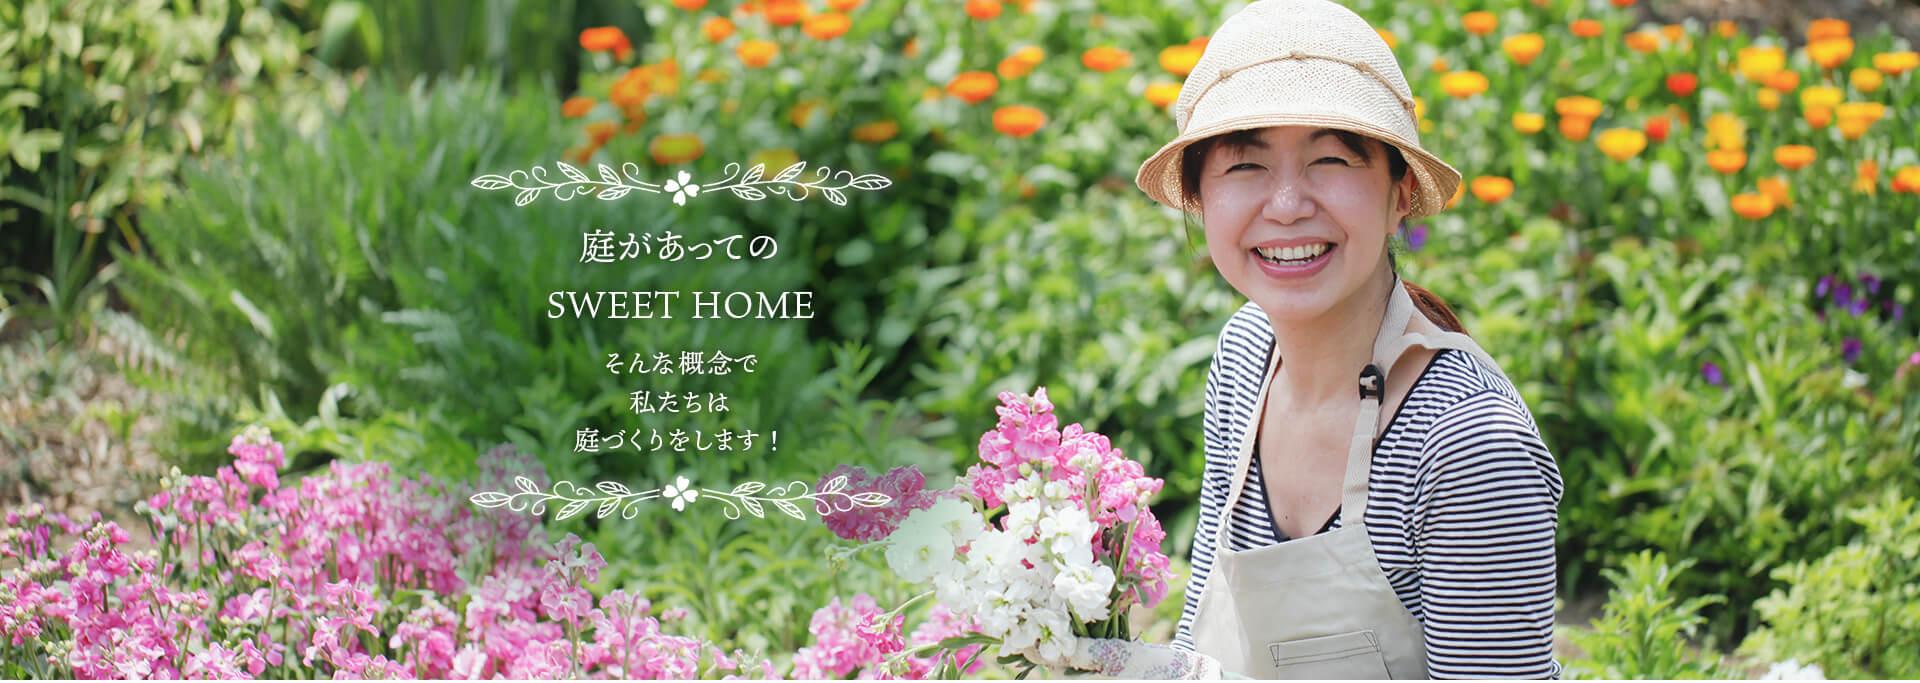 庭があってのSWEET HOME そんな概念で私たちプレックスガーデンは庭づくりをします!